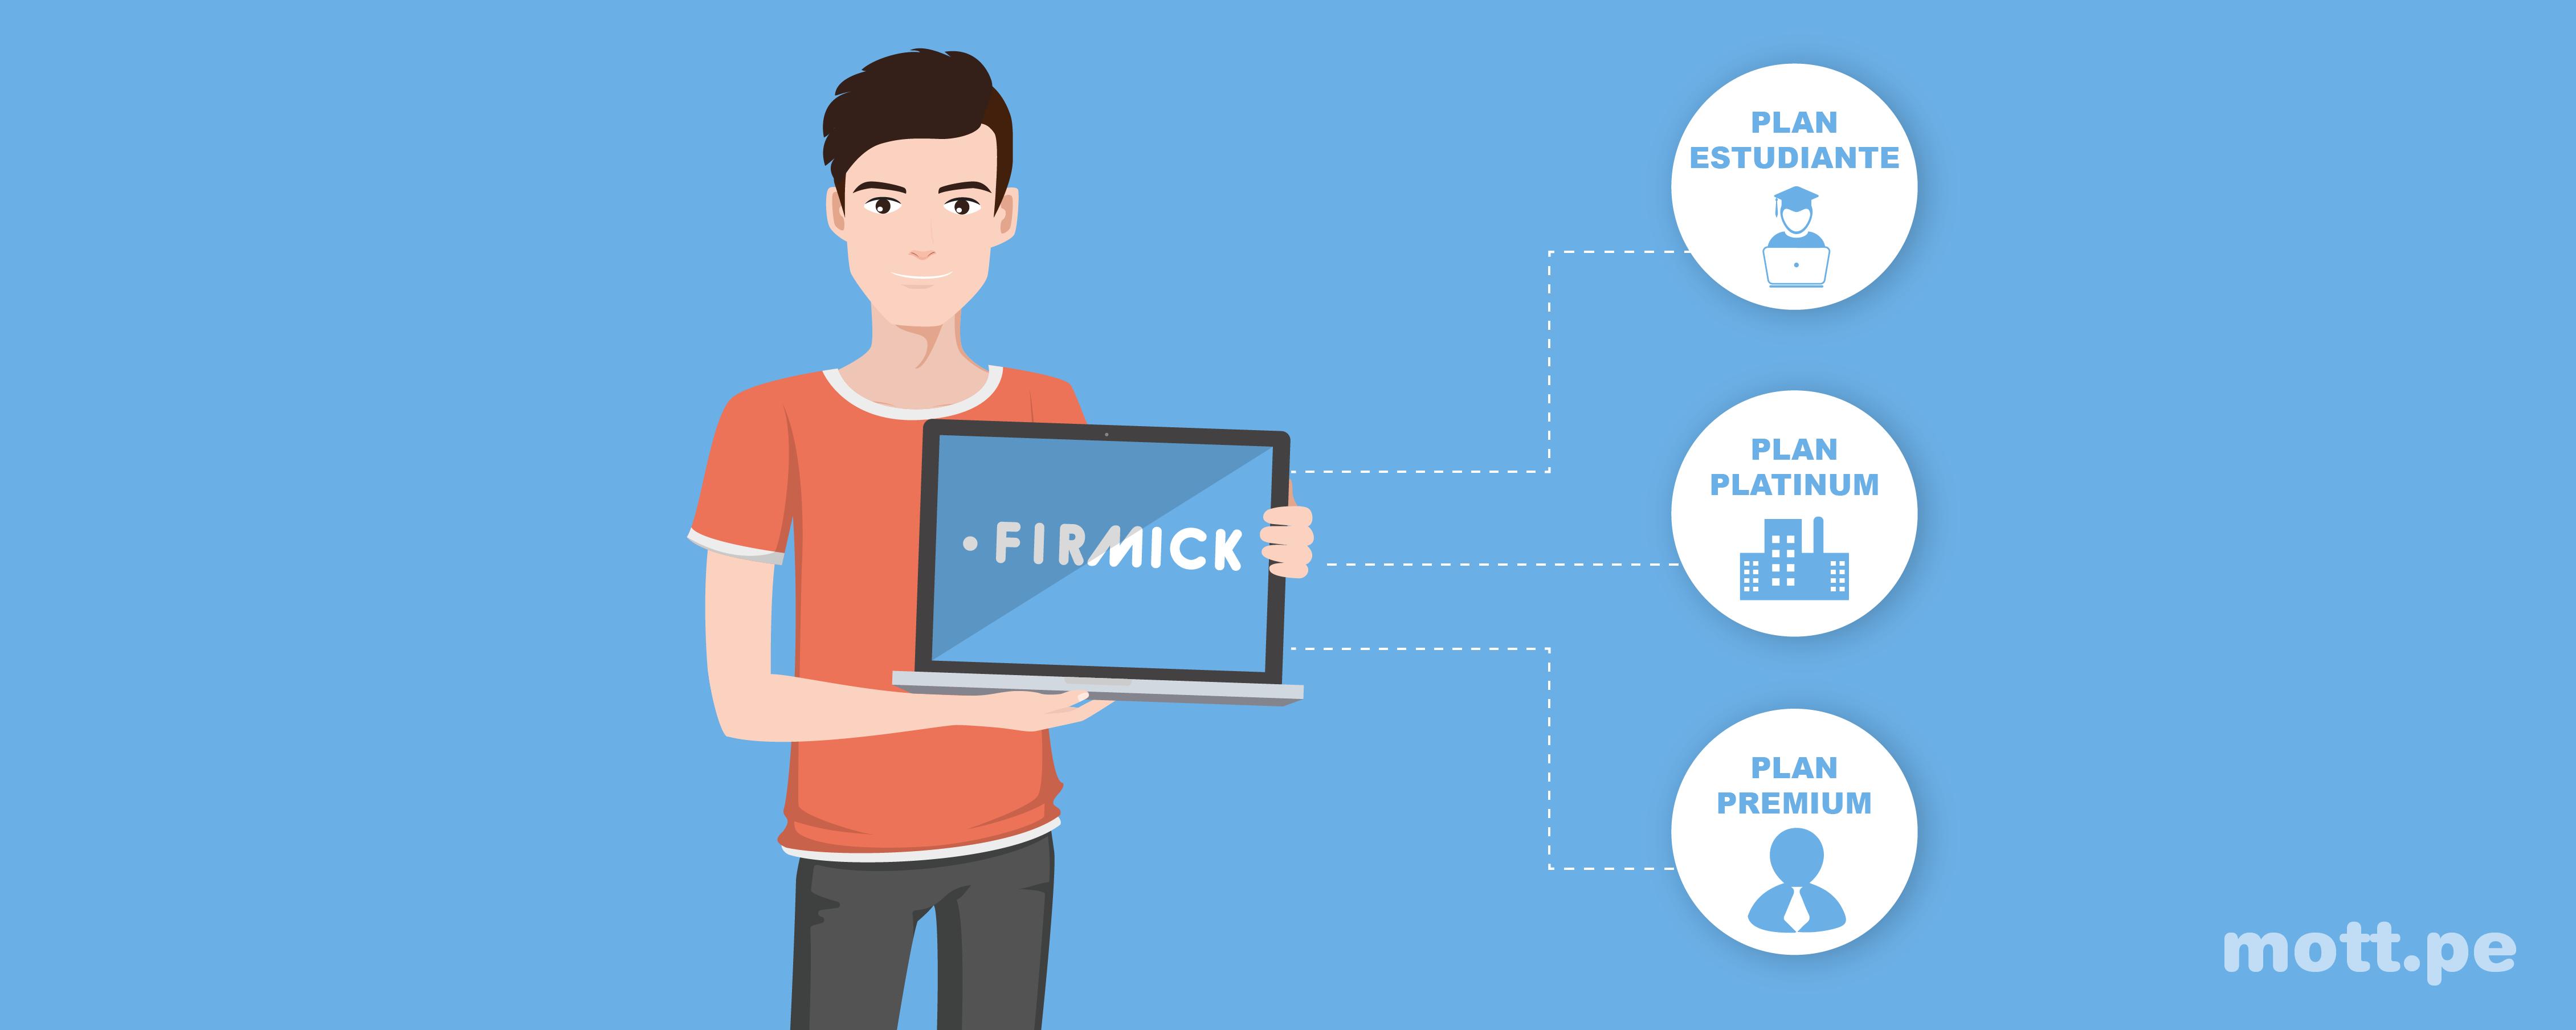 plataforma Firmick